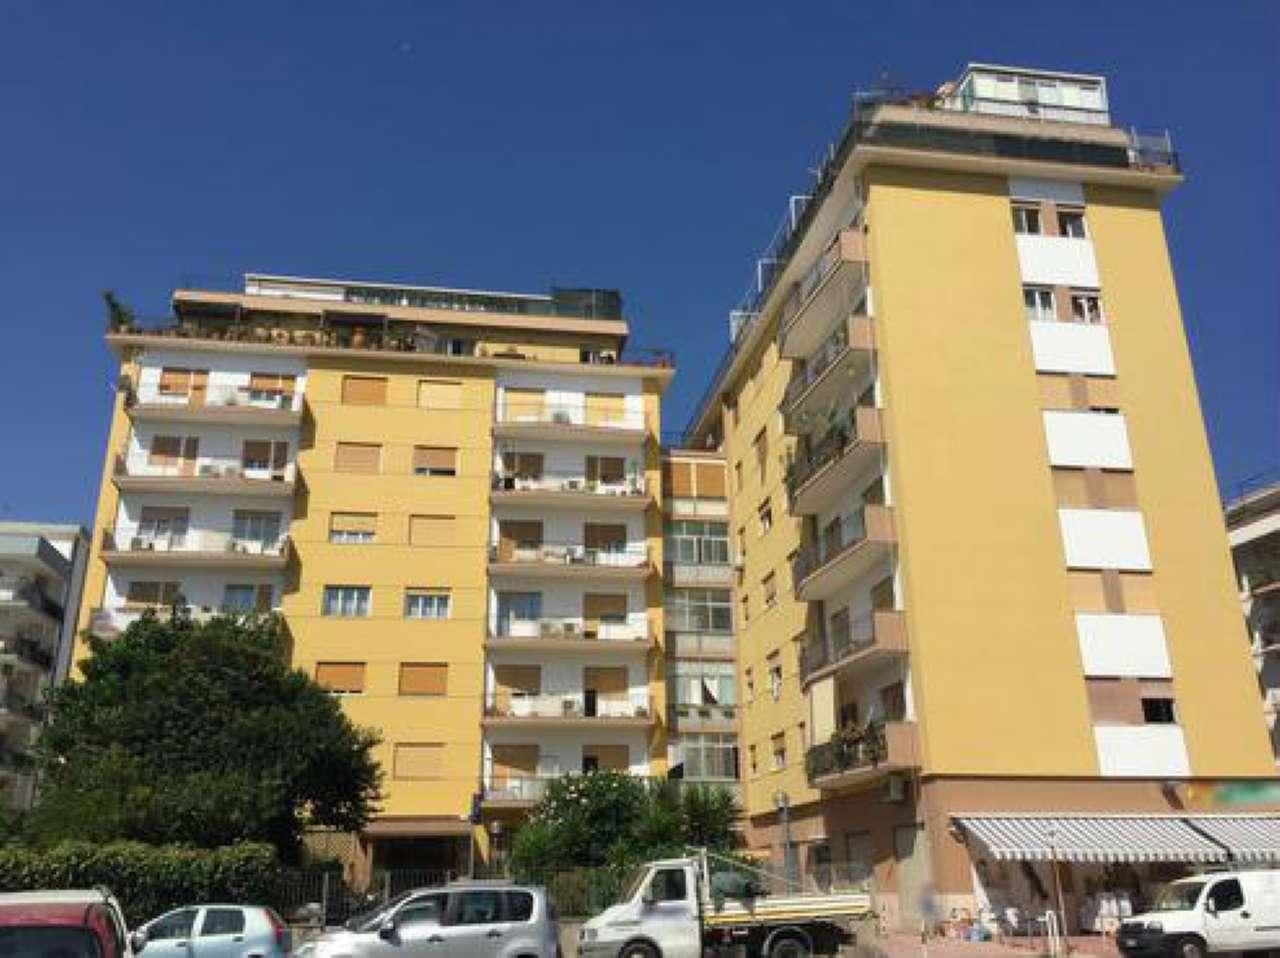 Ufficio-studio in Affitto a Palermo: 5 locali, 150 mq